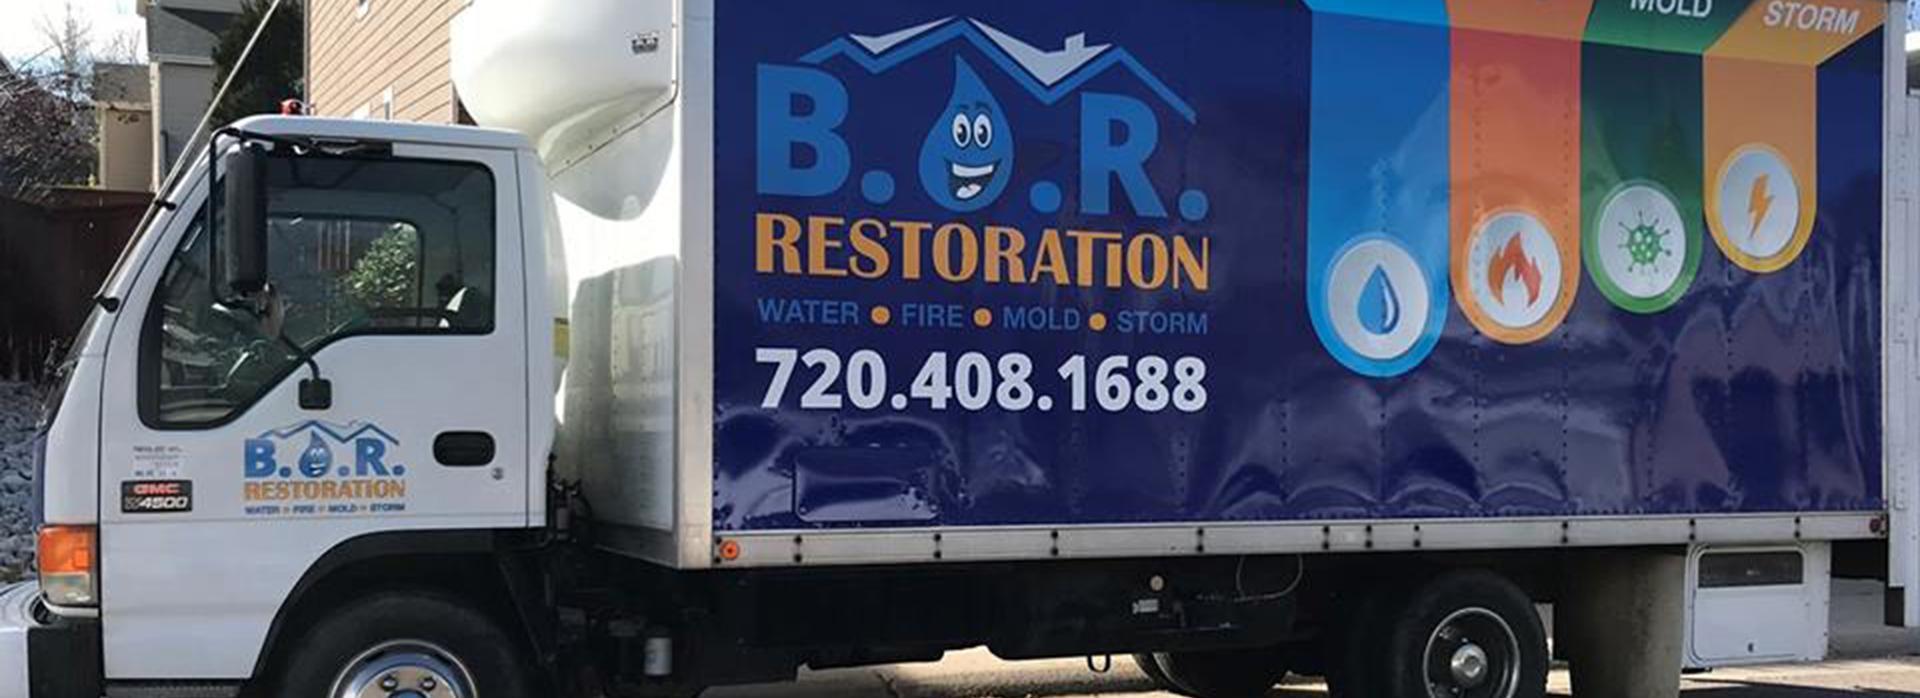 truck-bor-restoration-franchise-compressor